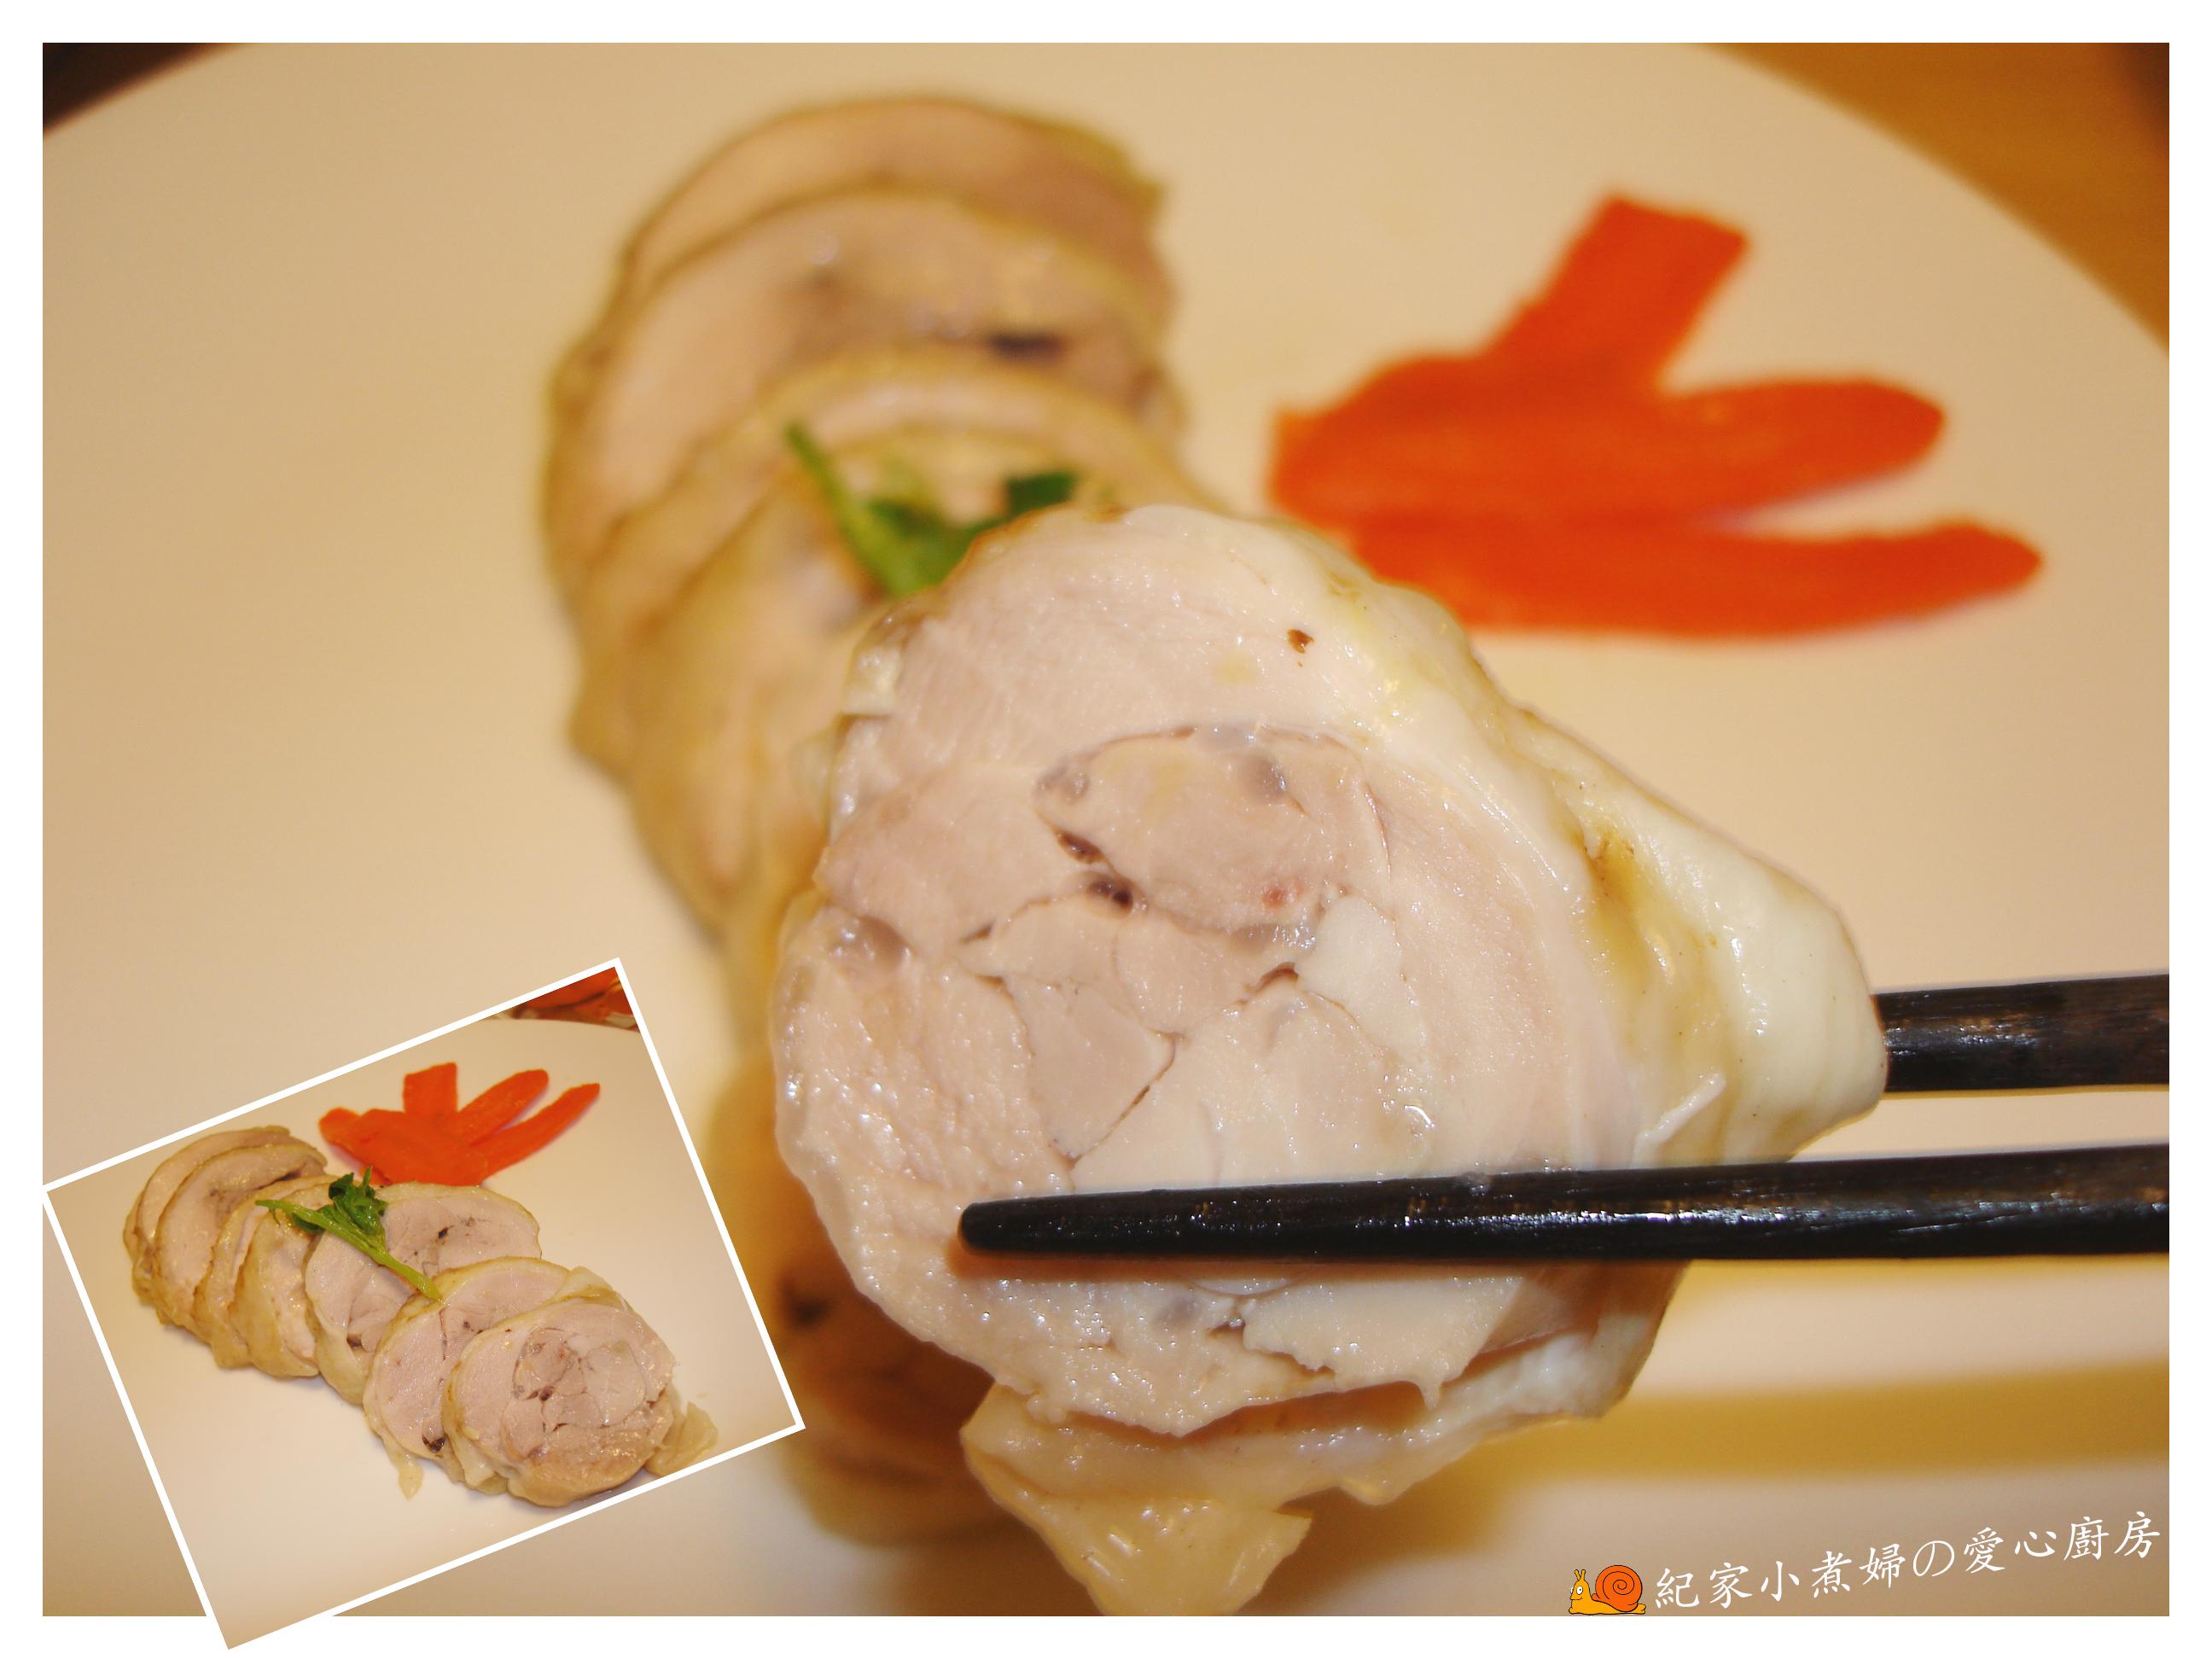 花椒雞+椒麻雞四個步驟完成